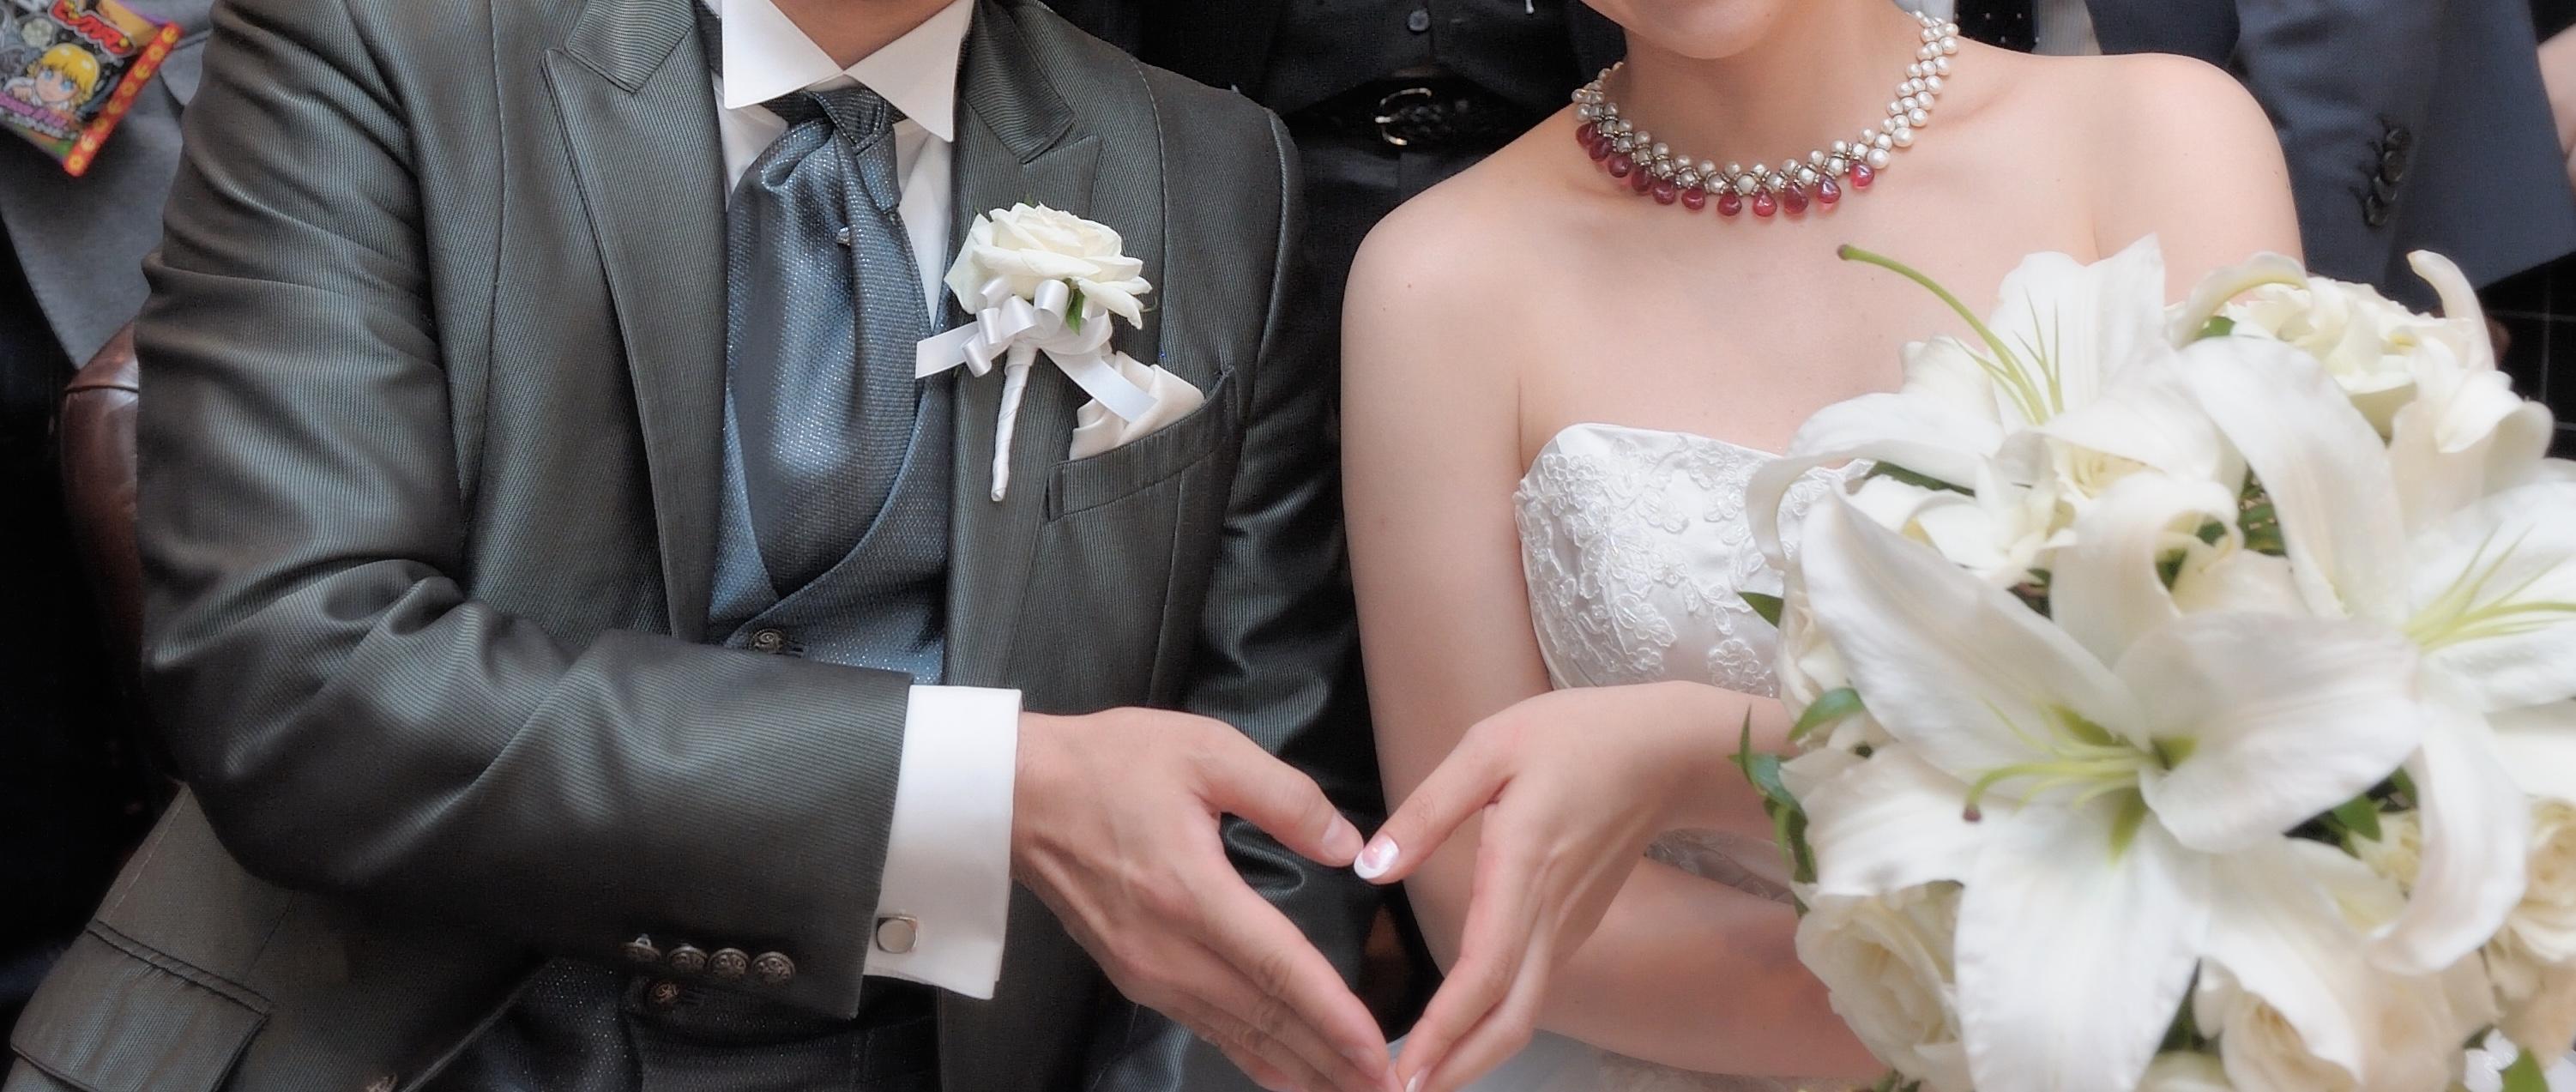 30代 女性会員様がご成婚されました!!